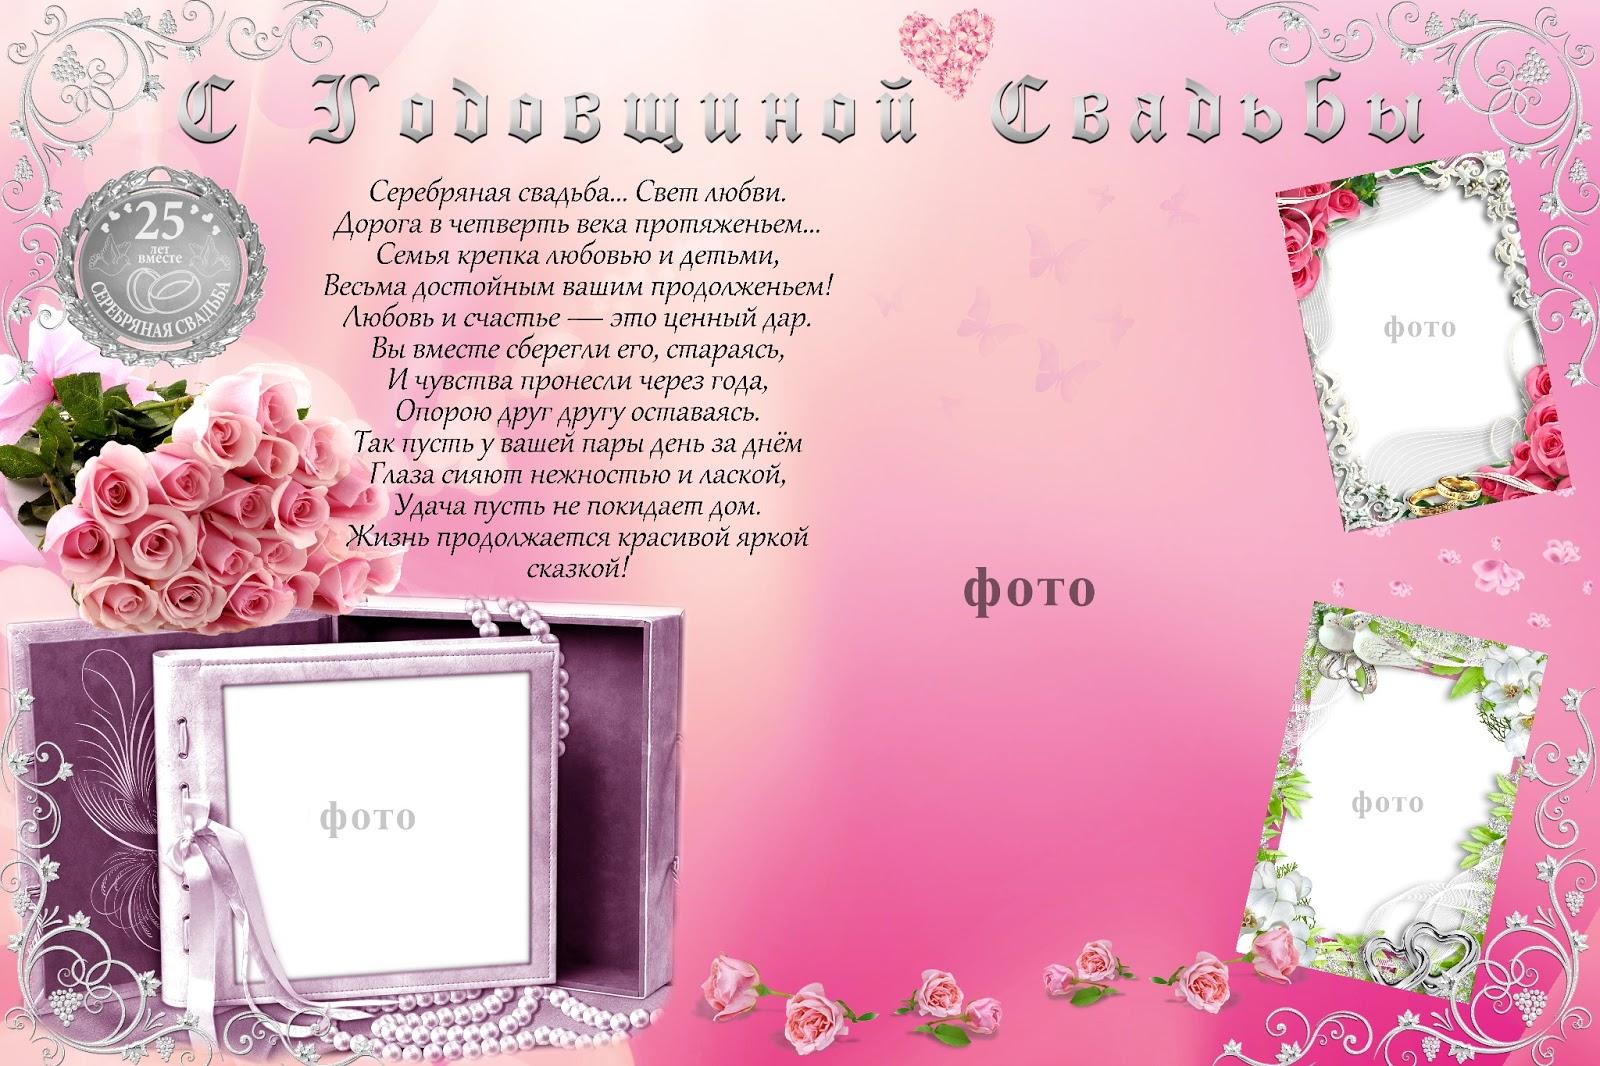 Печать грамот и дипломов для серебрянной свадьбы 25 лет в Москве | фото 3